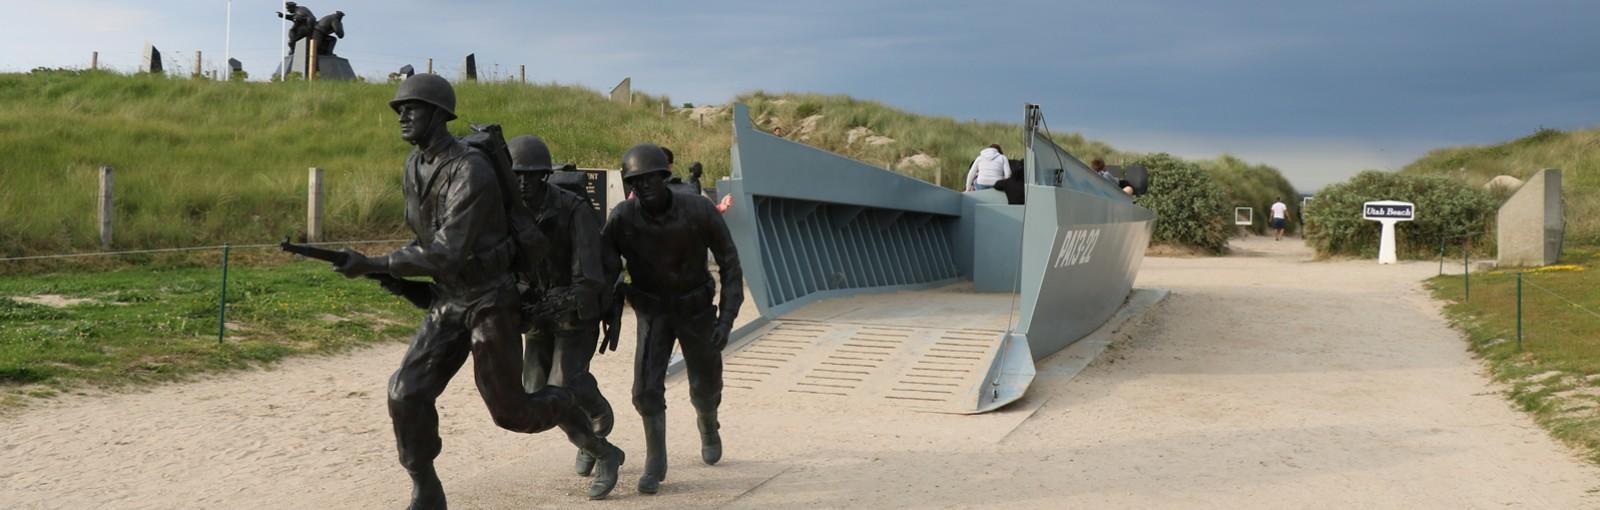 Tours 2 jours en Normandie: plages du Débarquement et Normandie Profonde! - Normandie - Tours en régions